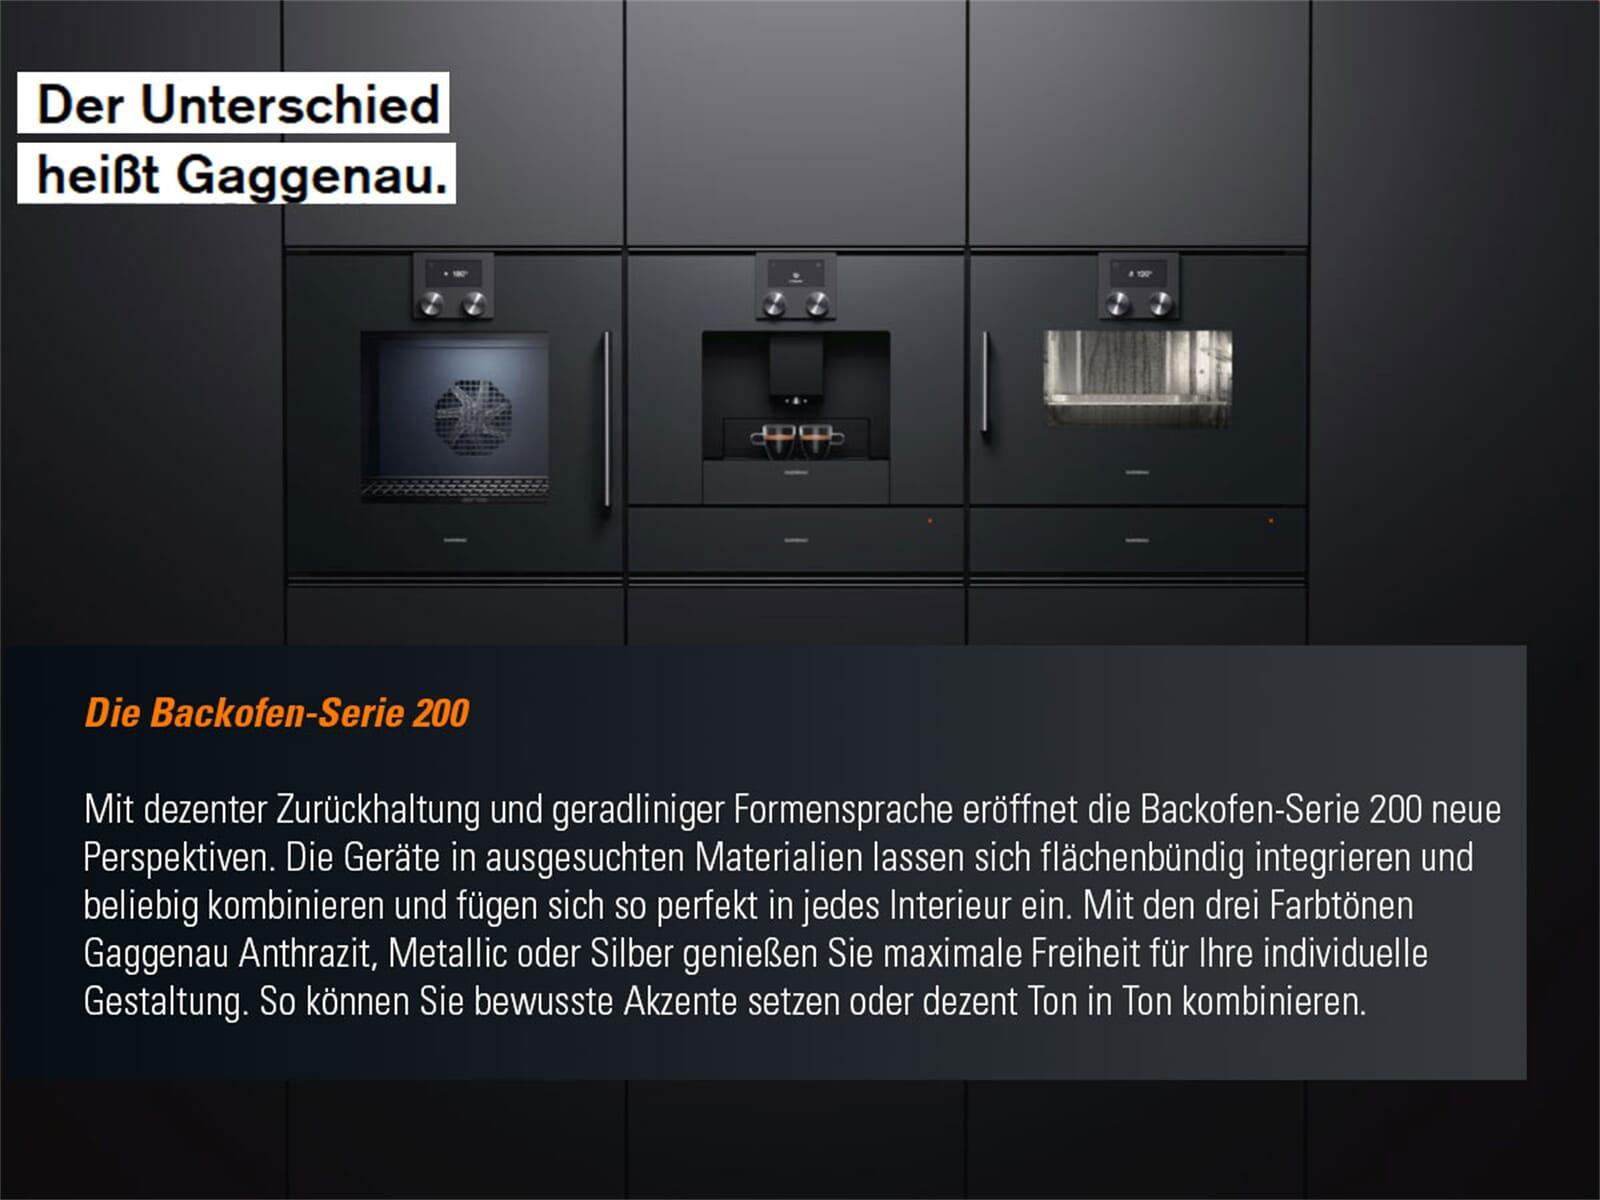 Gaggenau BOP 251 131 Backofen Serie 200 Silber